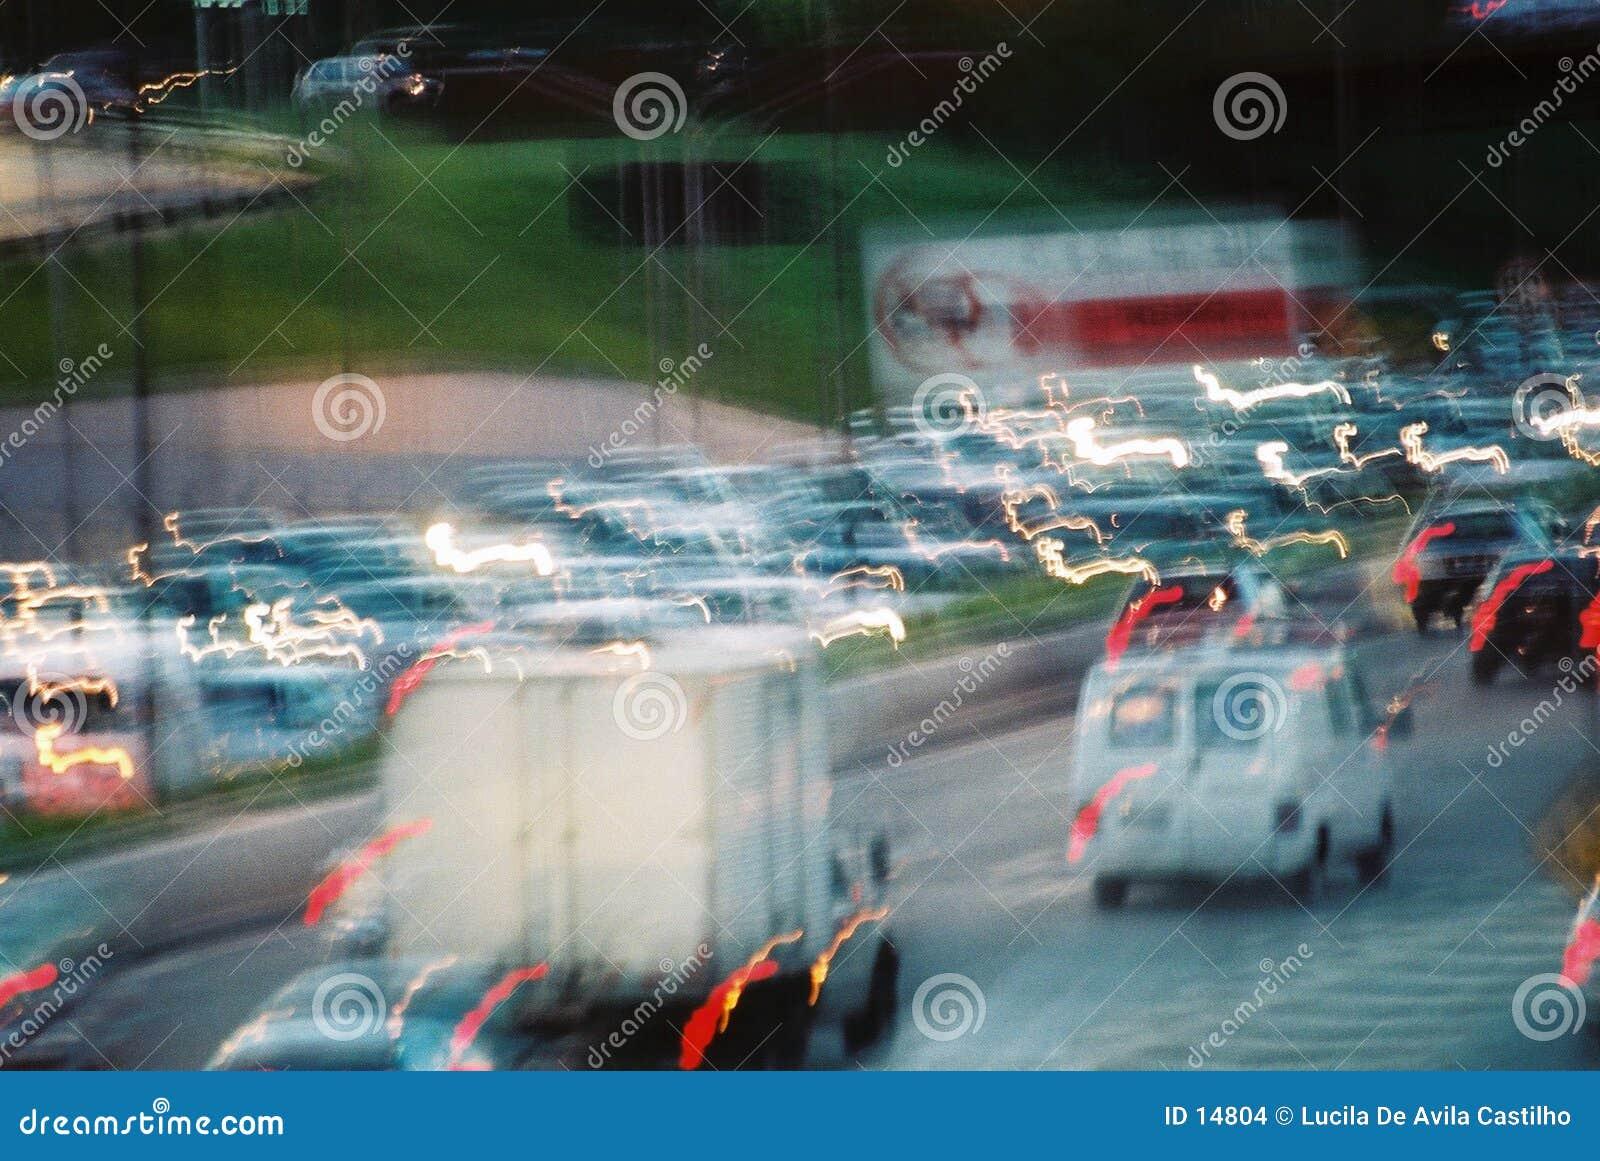 Download Ingorgo stradale fotografia stock. Immagine di luce, città - 14804